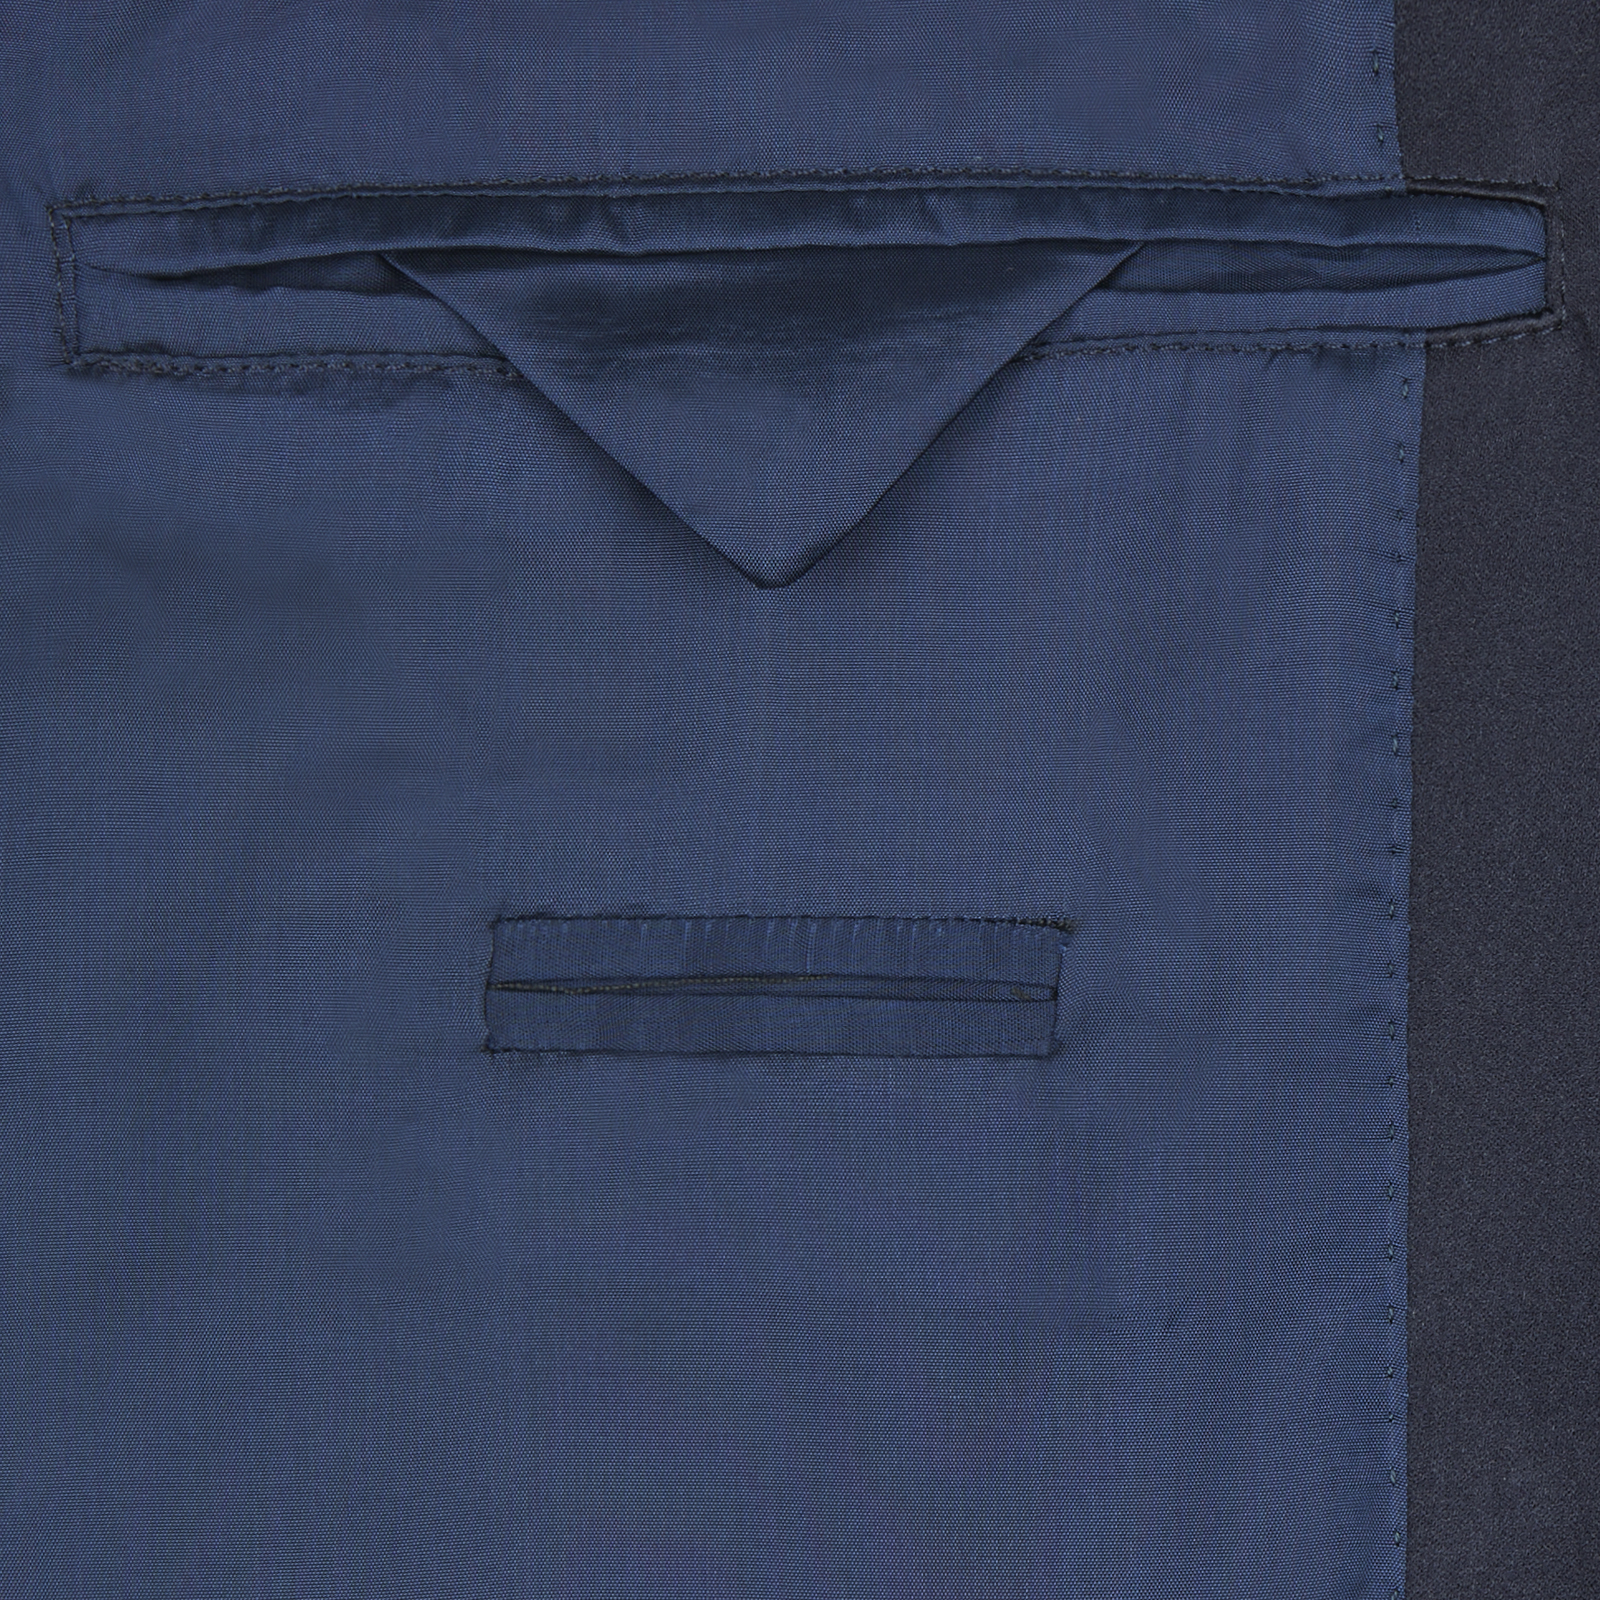 Turnbull & Asser Shattered Dreams Tuxedo Jacket in Blue for Men